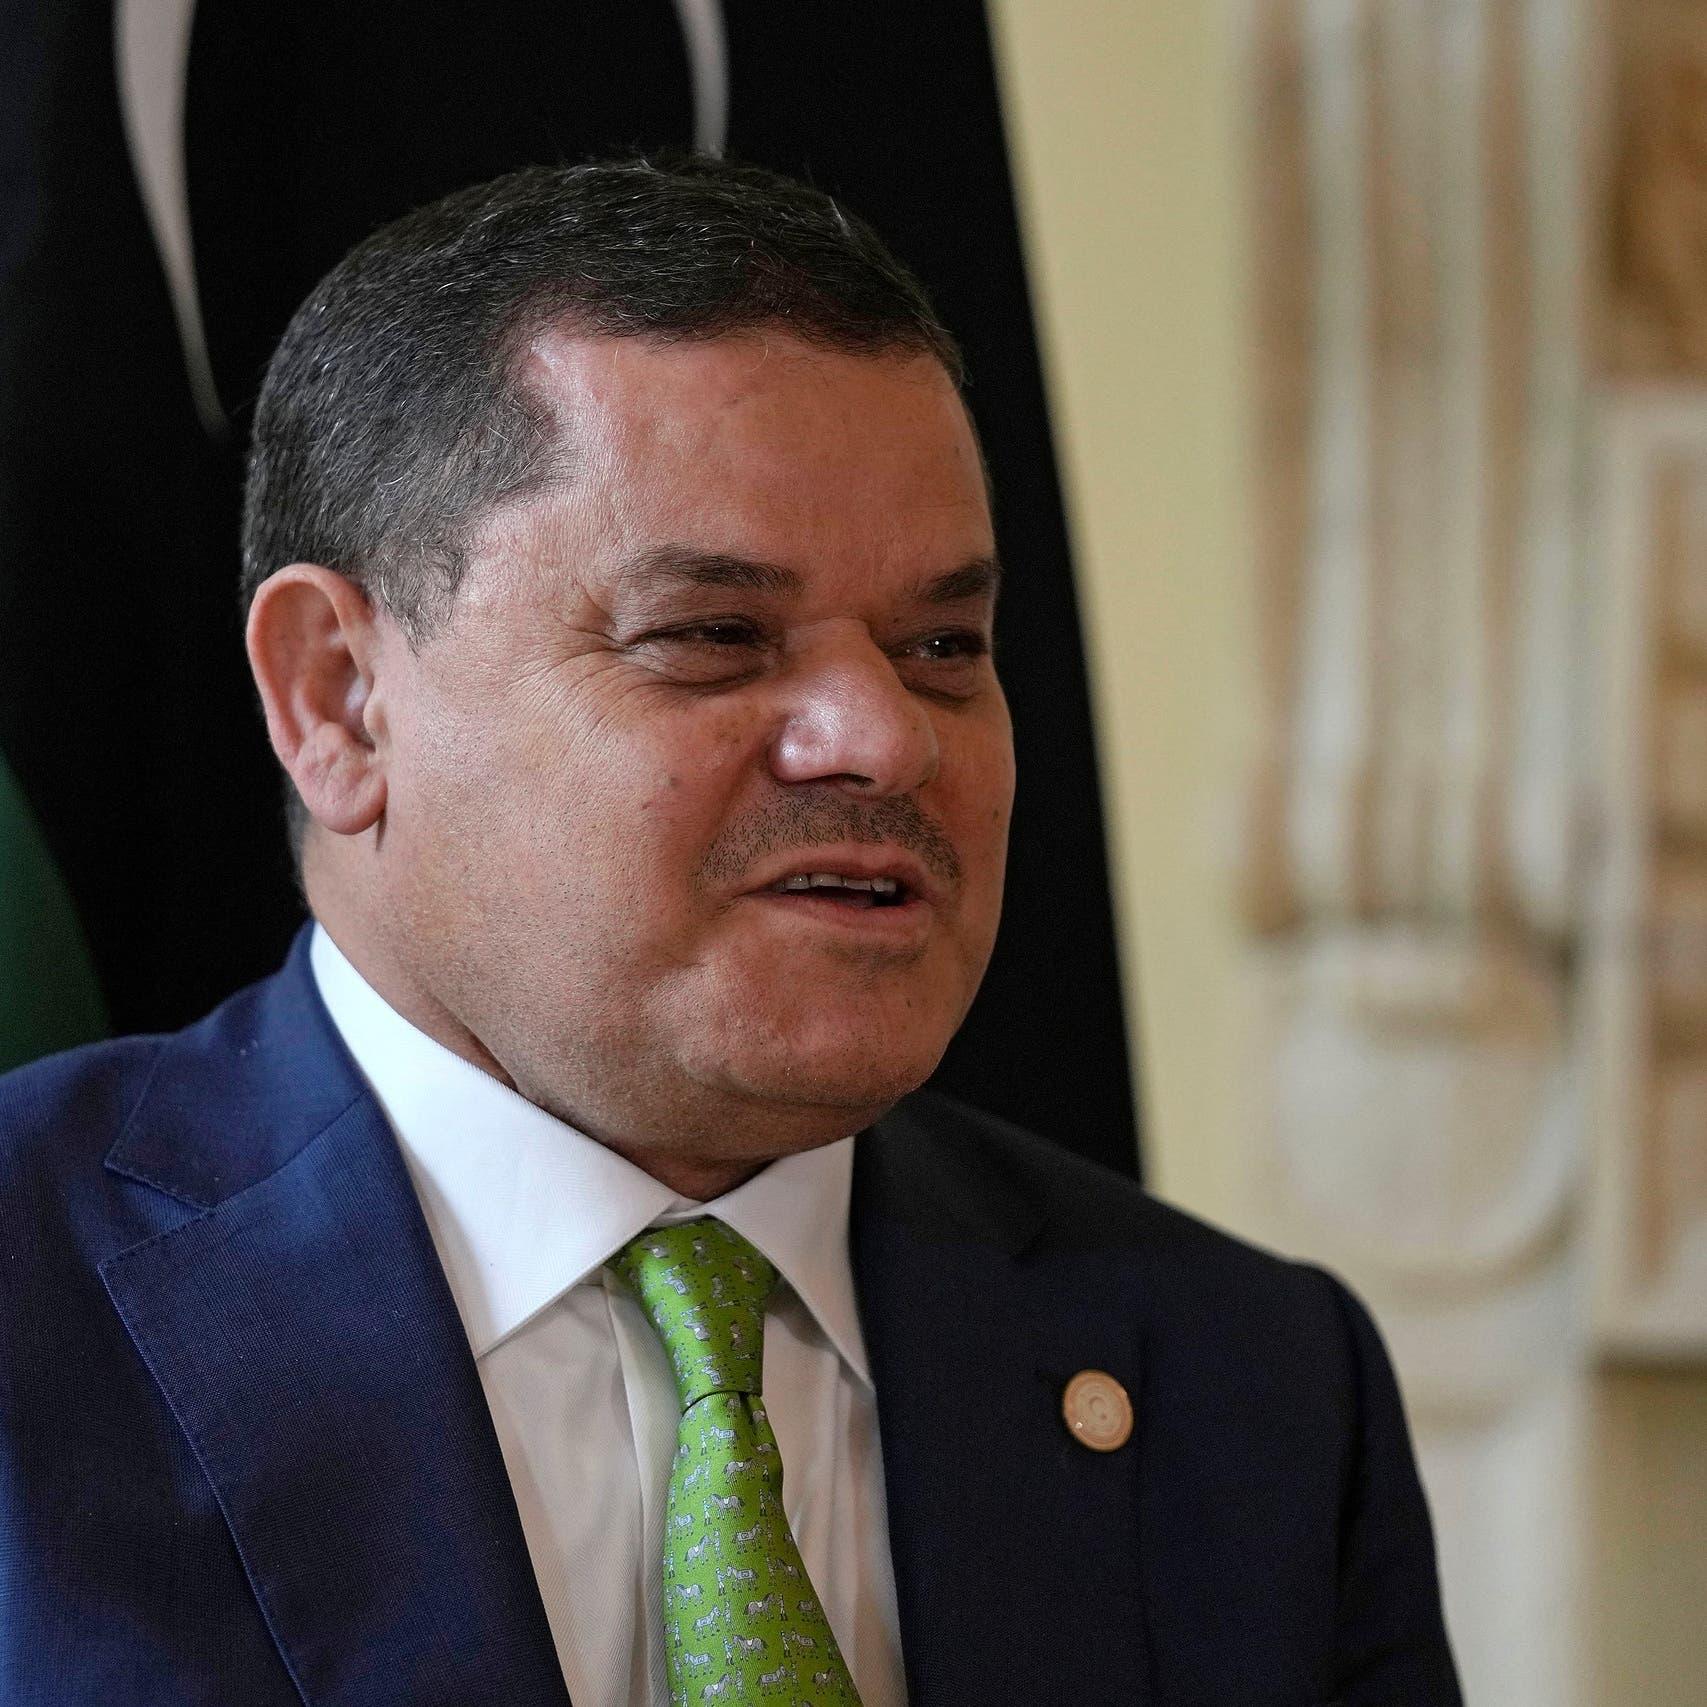 ليبيا.. 29 نائبا يطالبون بسحب الثقة من حكومة الدبيبة